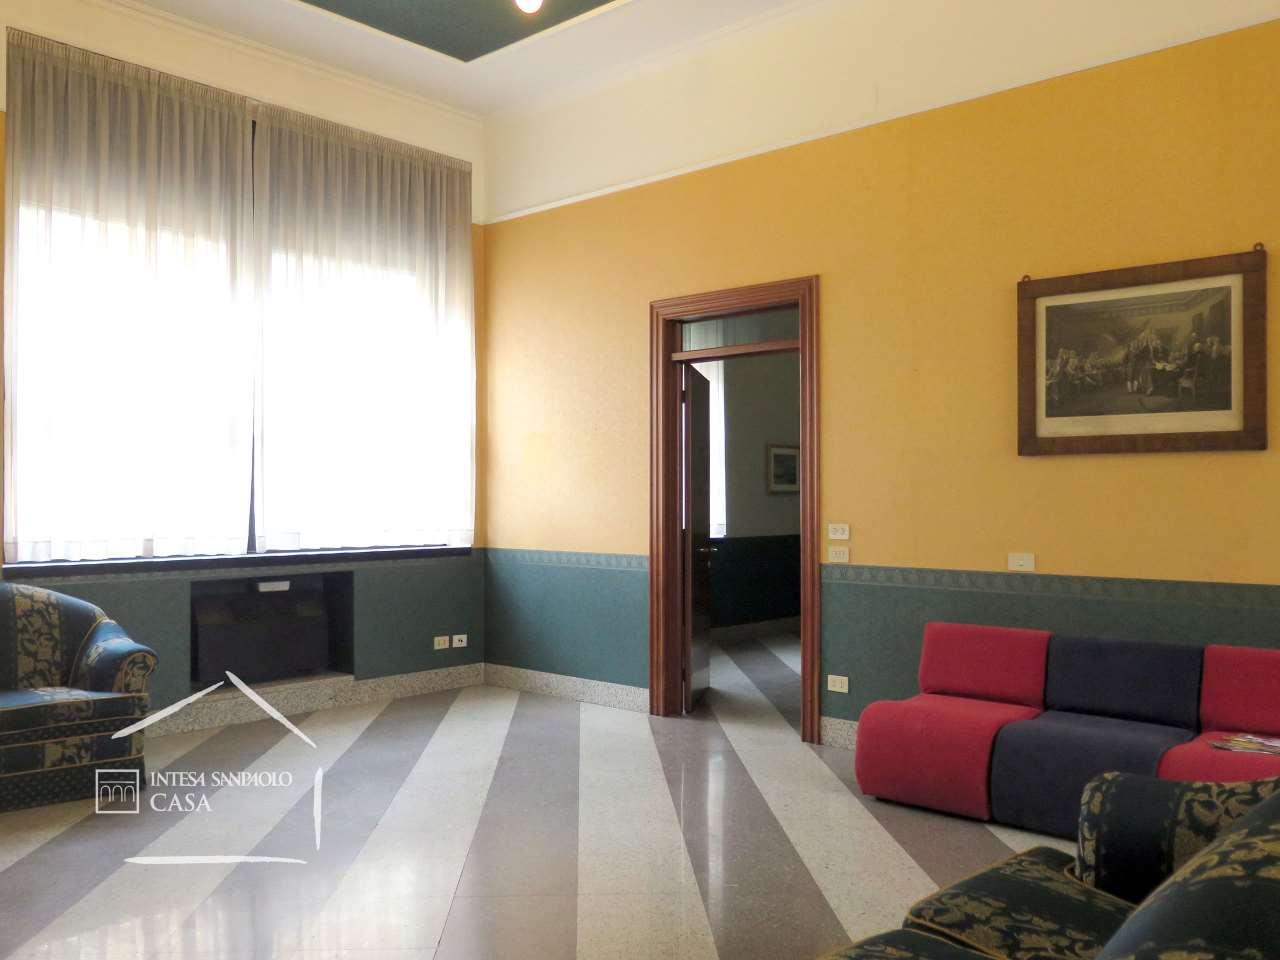 Appartamento in Vendita a Brescia: 5 locali, 290 mq - Foto 2